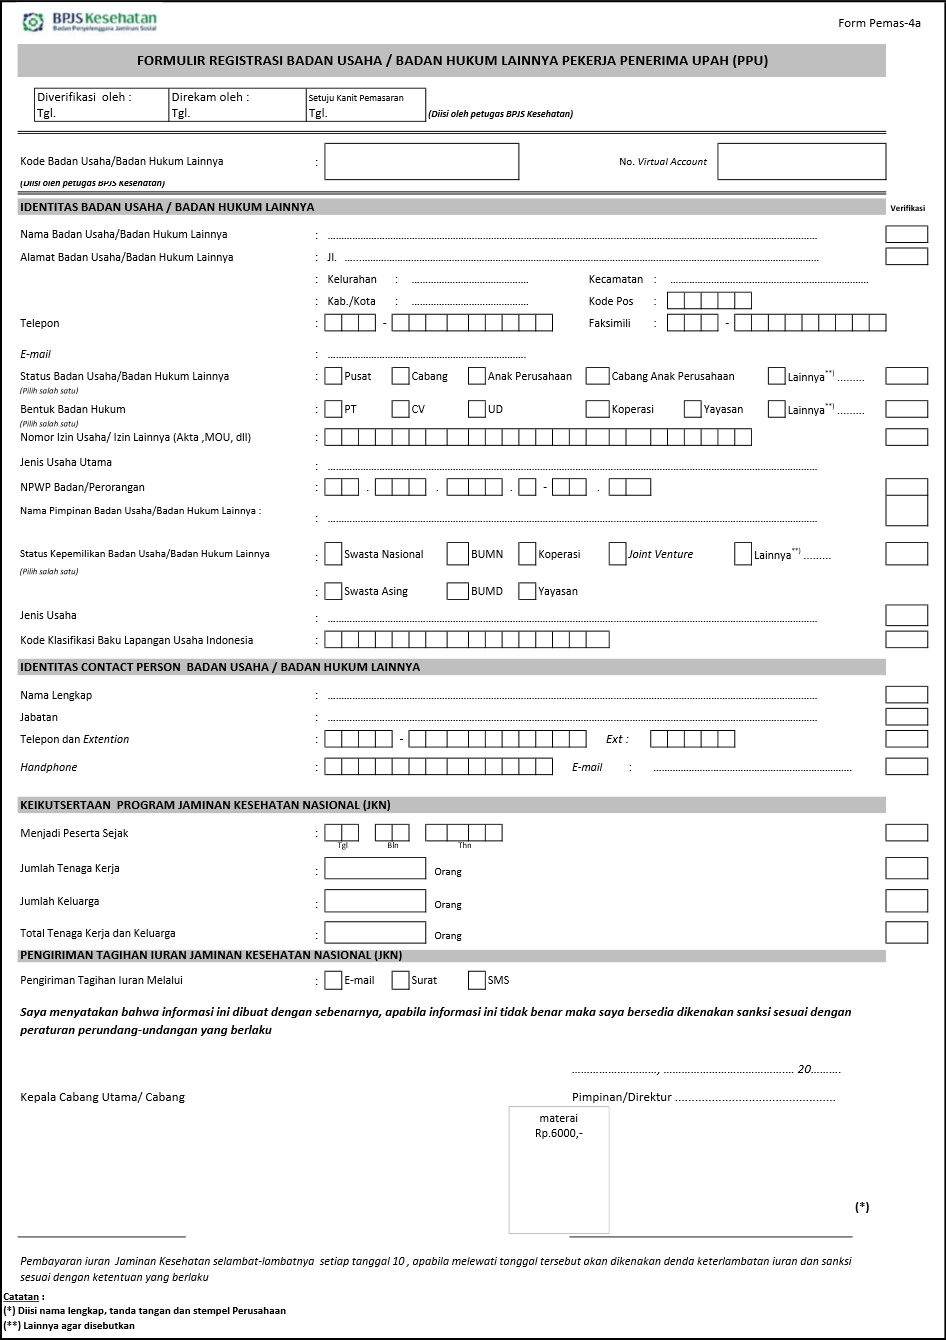 Formulir untuk daftar BPJS Kesehatan Perusahaan / Badan Usaha